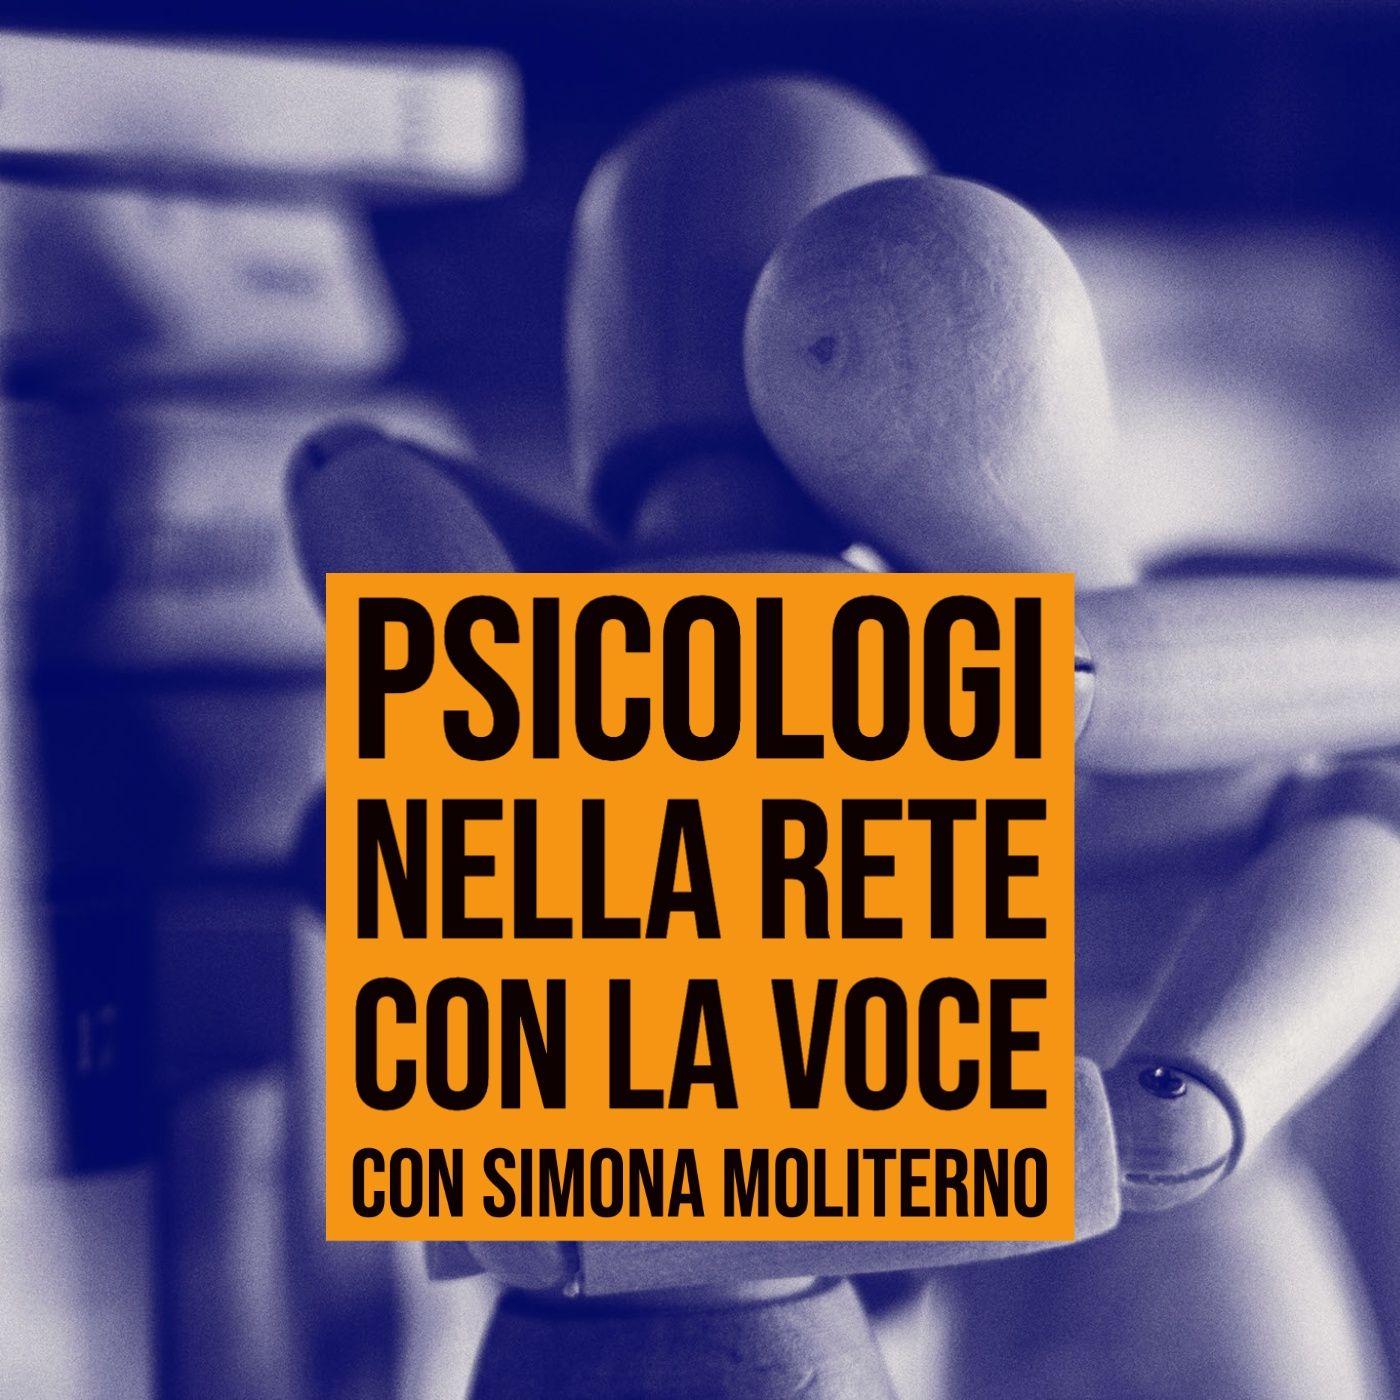 173 - Psicologi nella rete con la voce - con Simona Moliterno